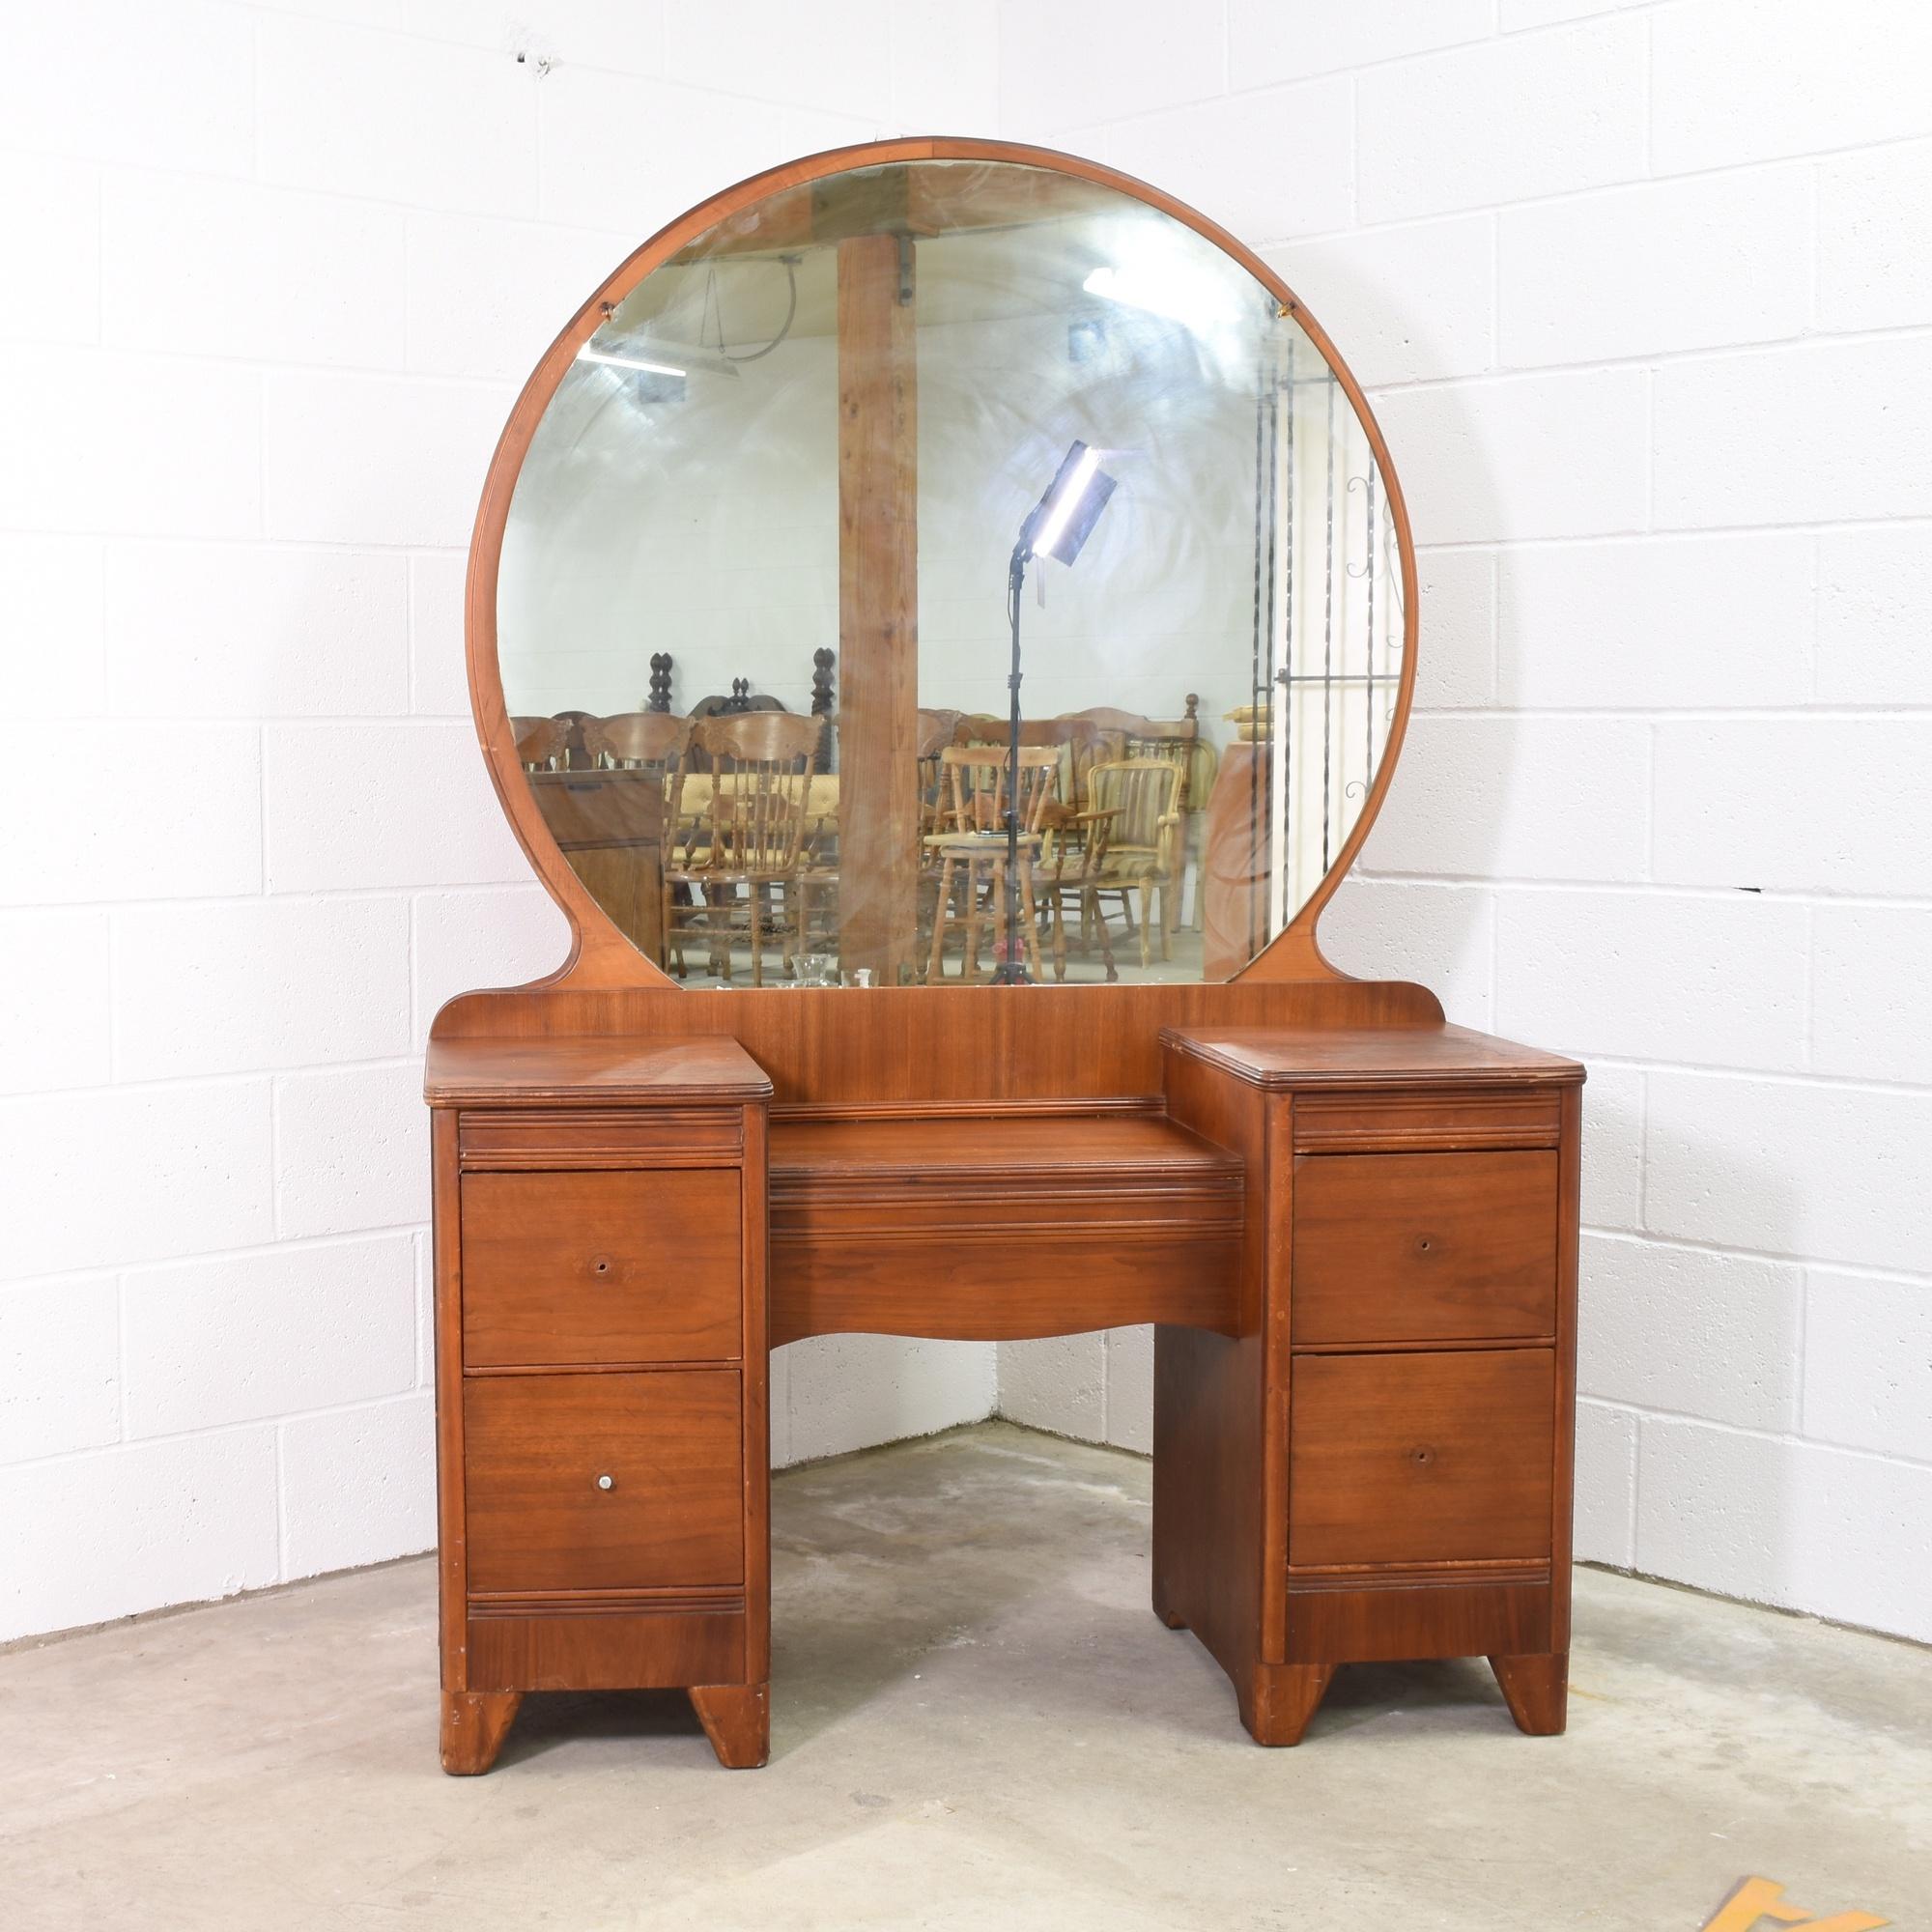 Antique art deco vanity dresser w round mirror loveseat for Antique vanity with round mirror